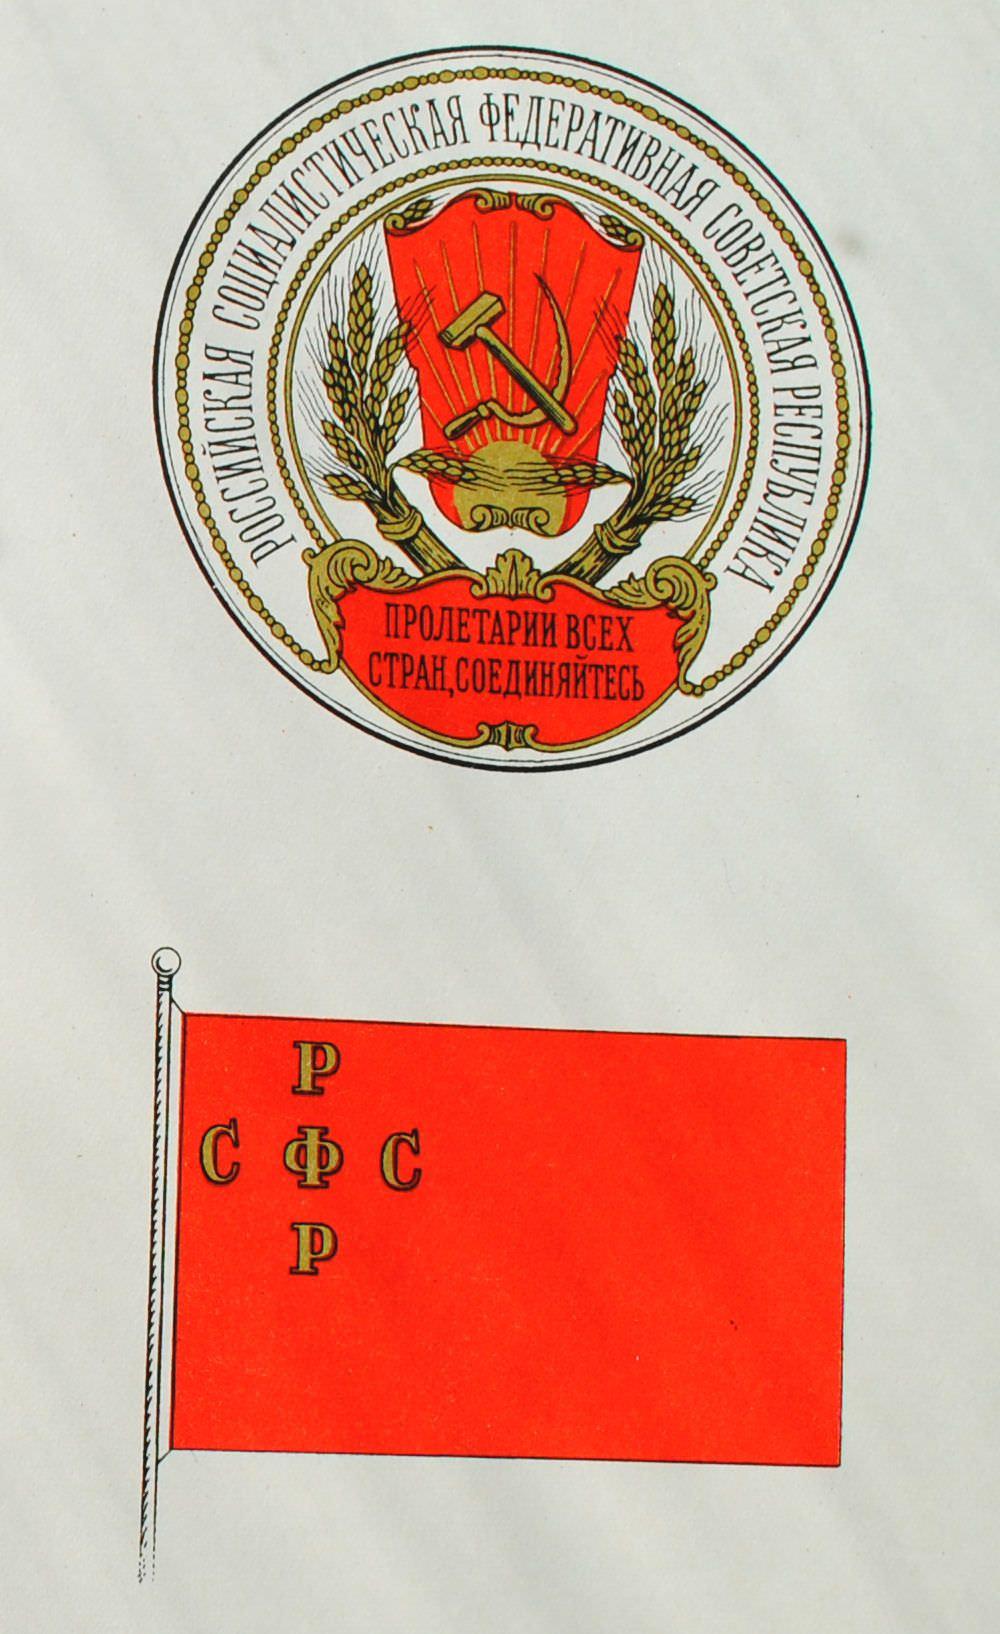 Государственный герб и флаг РСФСР. 1918 год.